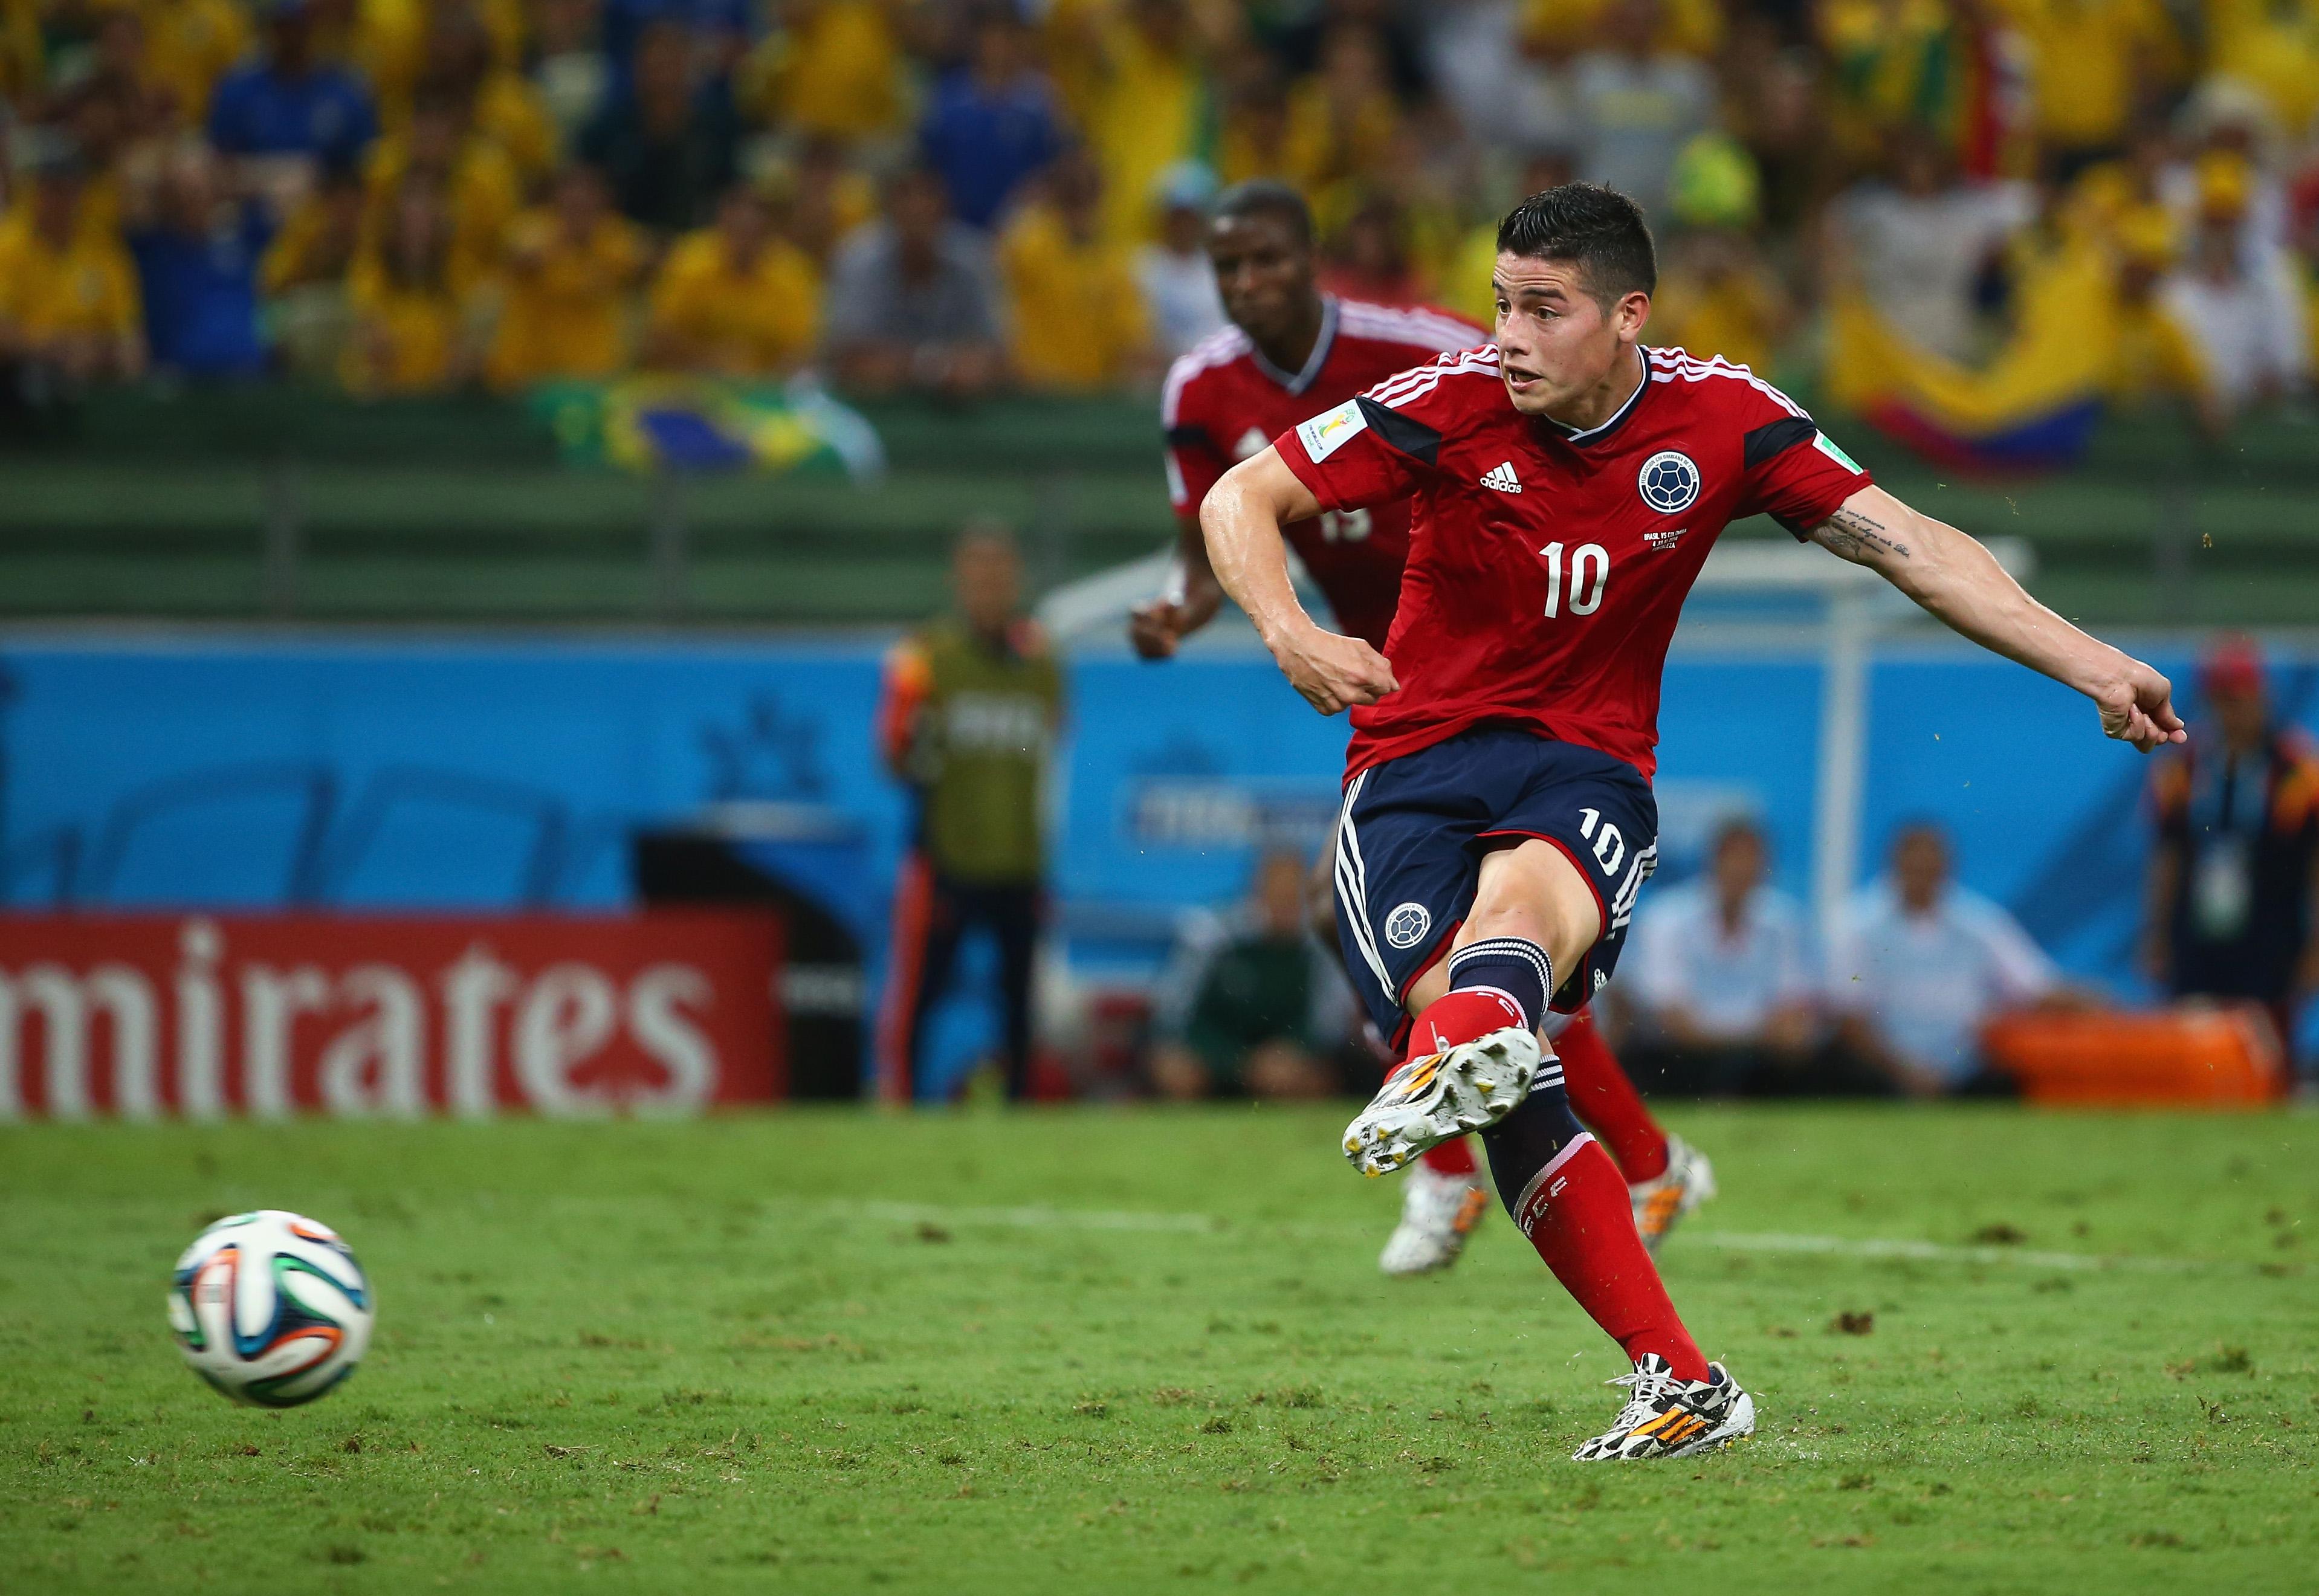 Brasilien gegen Kolumbien: Nach Faul von Júlio César schießt James Rodríguez Elfmeter-Tor für Kolumbien (Video)